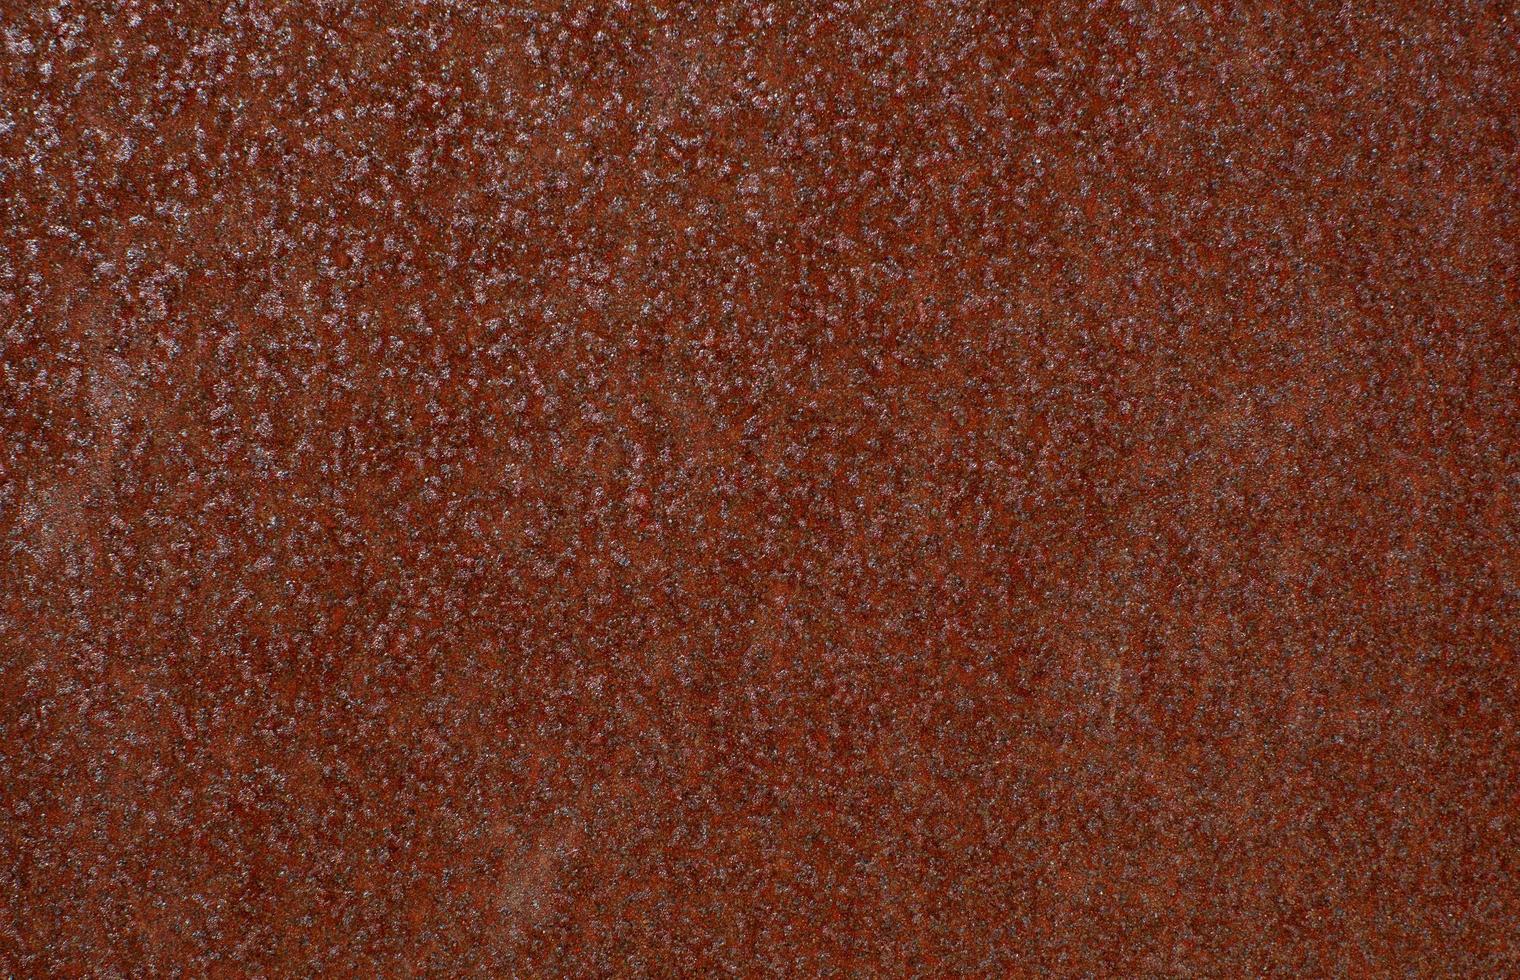 struttura in acciaio ossido rosso foto